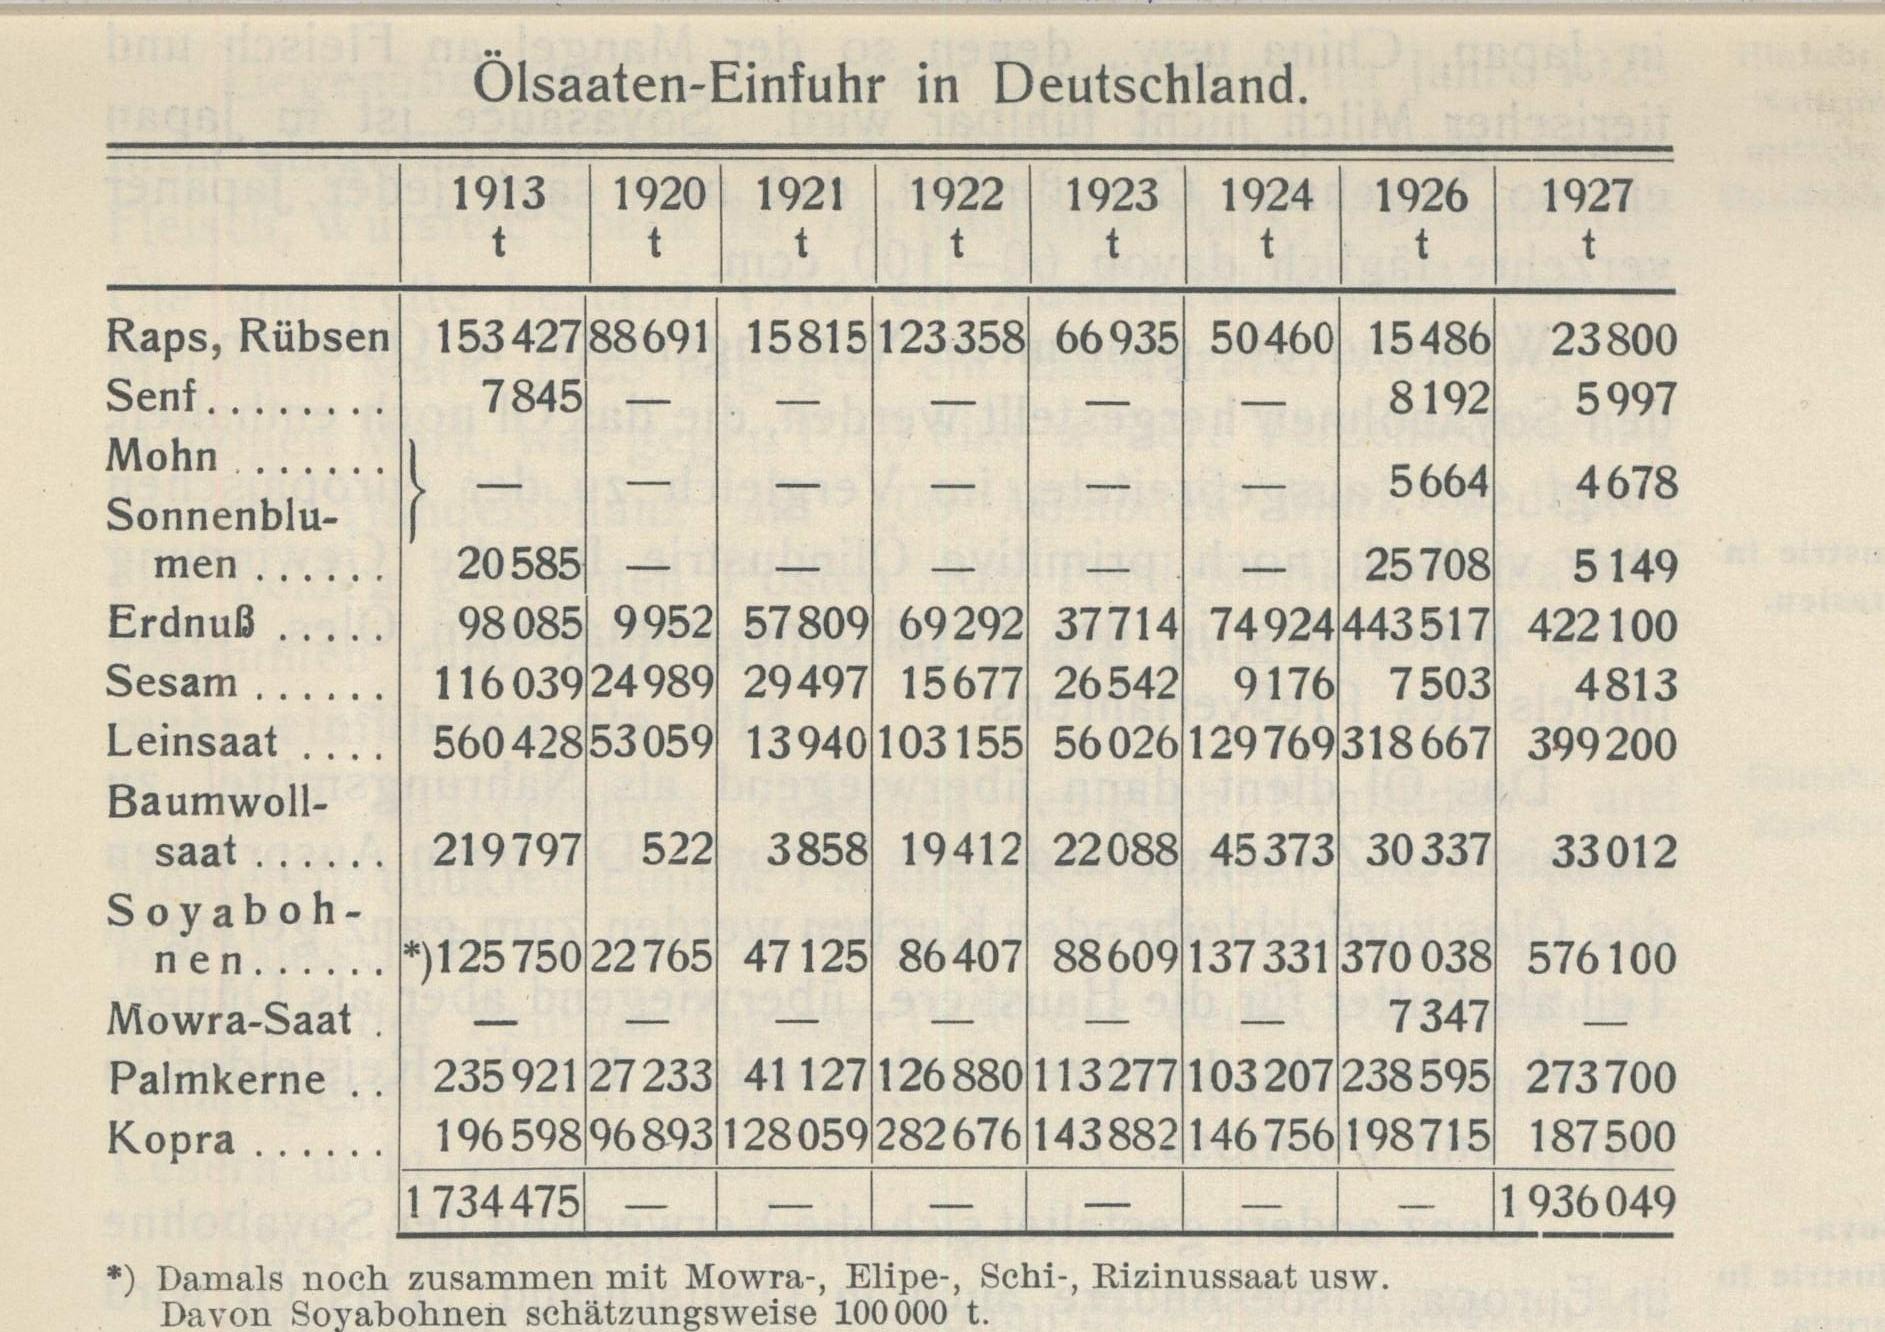 """Die Abbildung zeigt eine Tabelle mit dem Titel """"Ölsaaten-Einfuhr in Deutschland"""". Von links nach rechts werden die Jahre 1913 bis 1927 gelistet, von oben nach unten die Ölsaaten Raps, Senf, Mohn, Sonnenblumen, Erdnuss, Sesam, Leinsaat, Baumwollsaat, Sojabohnen (hervorgehoben), Mowra-Saat, Palmkerne und Kopra aufgeführt. Die Tabelle zeigt, dass der Anteil der Sojabohnen von 100.000 Tonnen 1913 auf 576.000 Tonnen 1927 anstieg."""